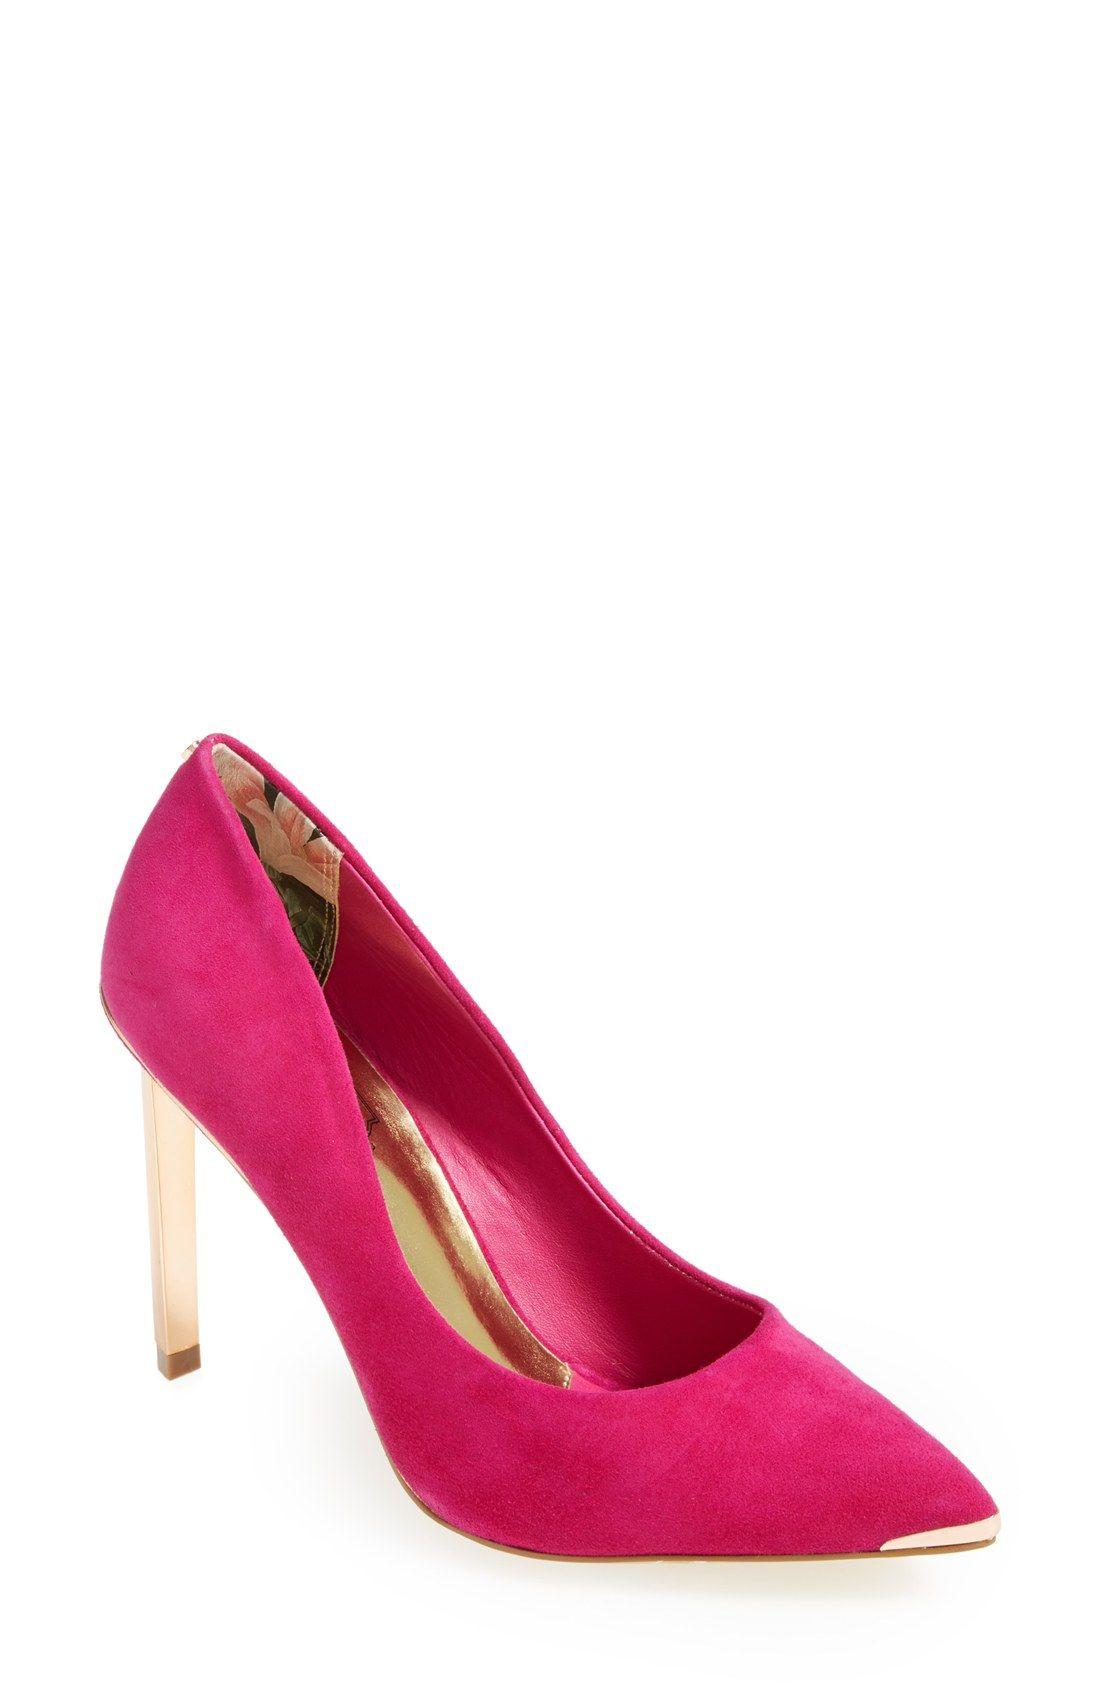 Ted Baker London Elvena Pump Women Fashion Shoes Sandals Shoes Women S Pumps